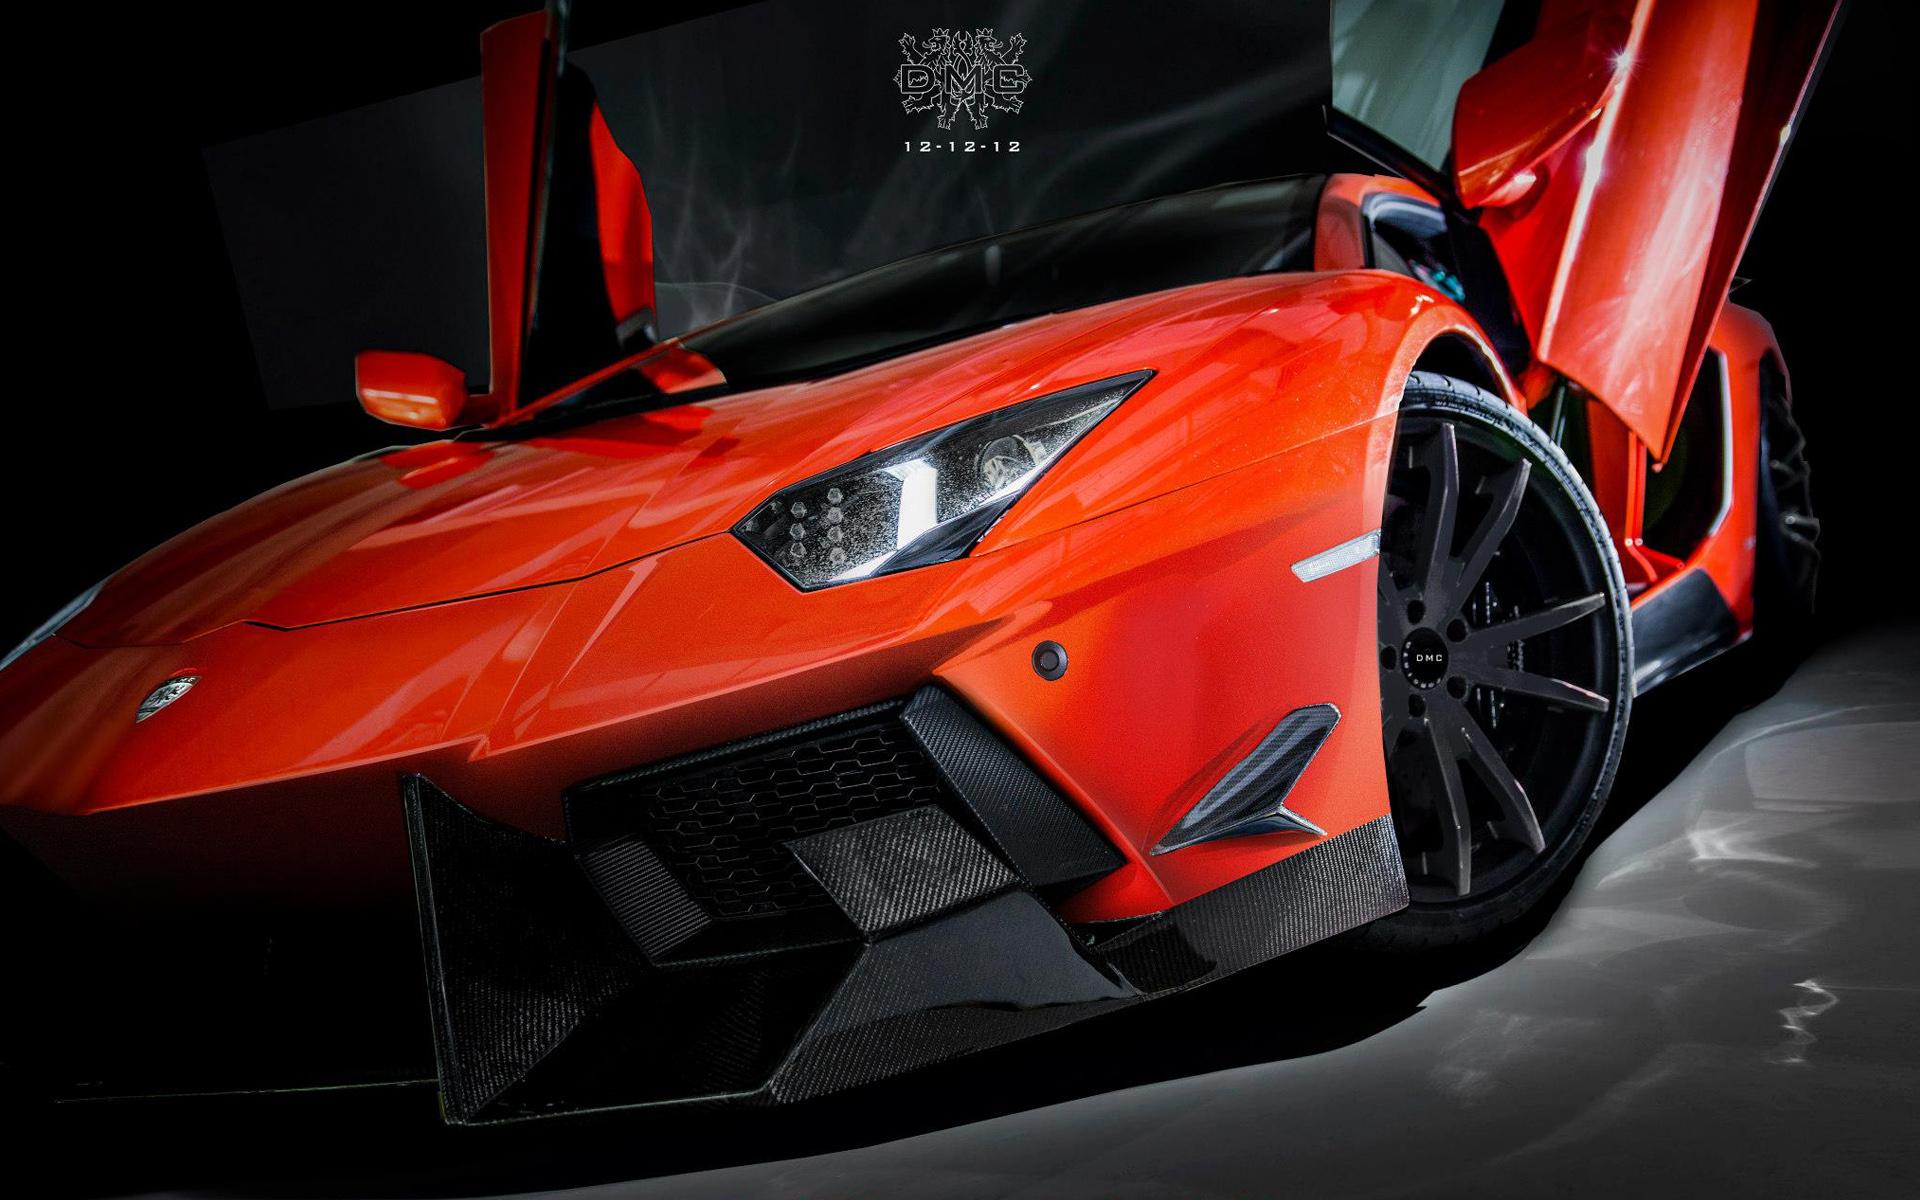 DMC-Tuning-Lamborghini-Aventador-HD-http-imashon-com-w-auto-dmc-tuning-lamborghini-ave-wallpaper-wp3604856